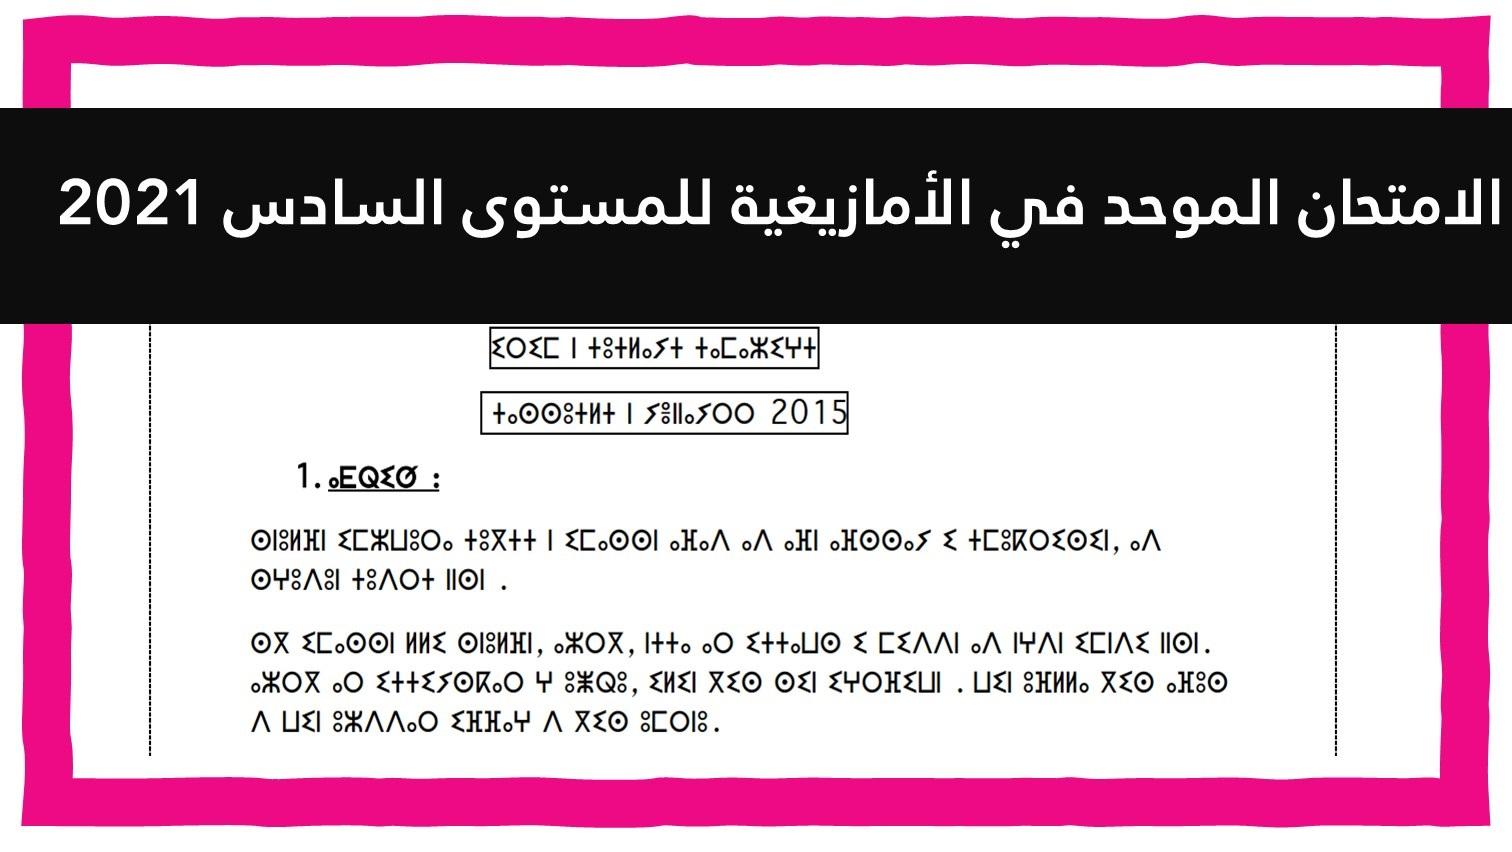 نموذج للامتحان الموحد المحلي للغة الأمازيغية للمستوى السادس مع التصحيح 2020.2021